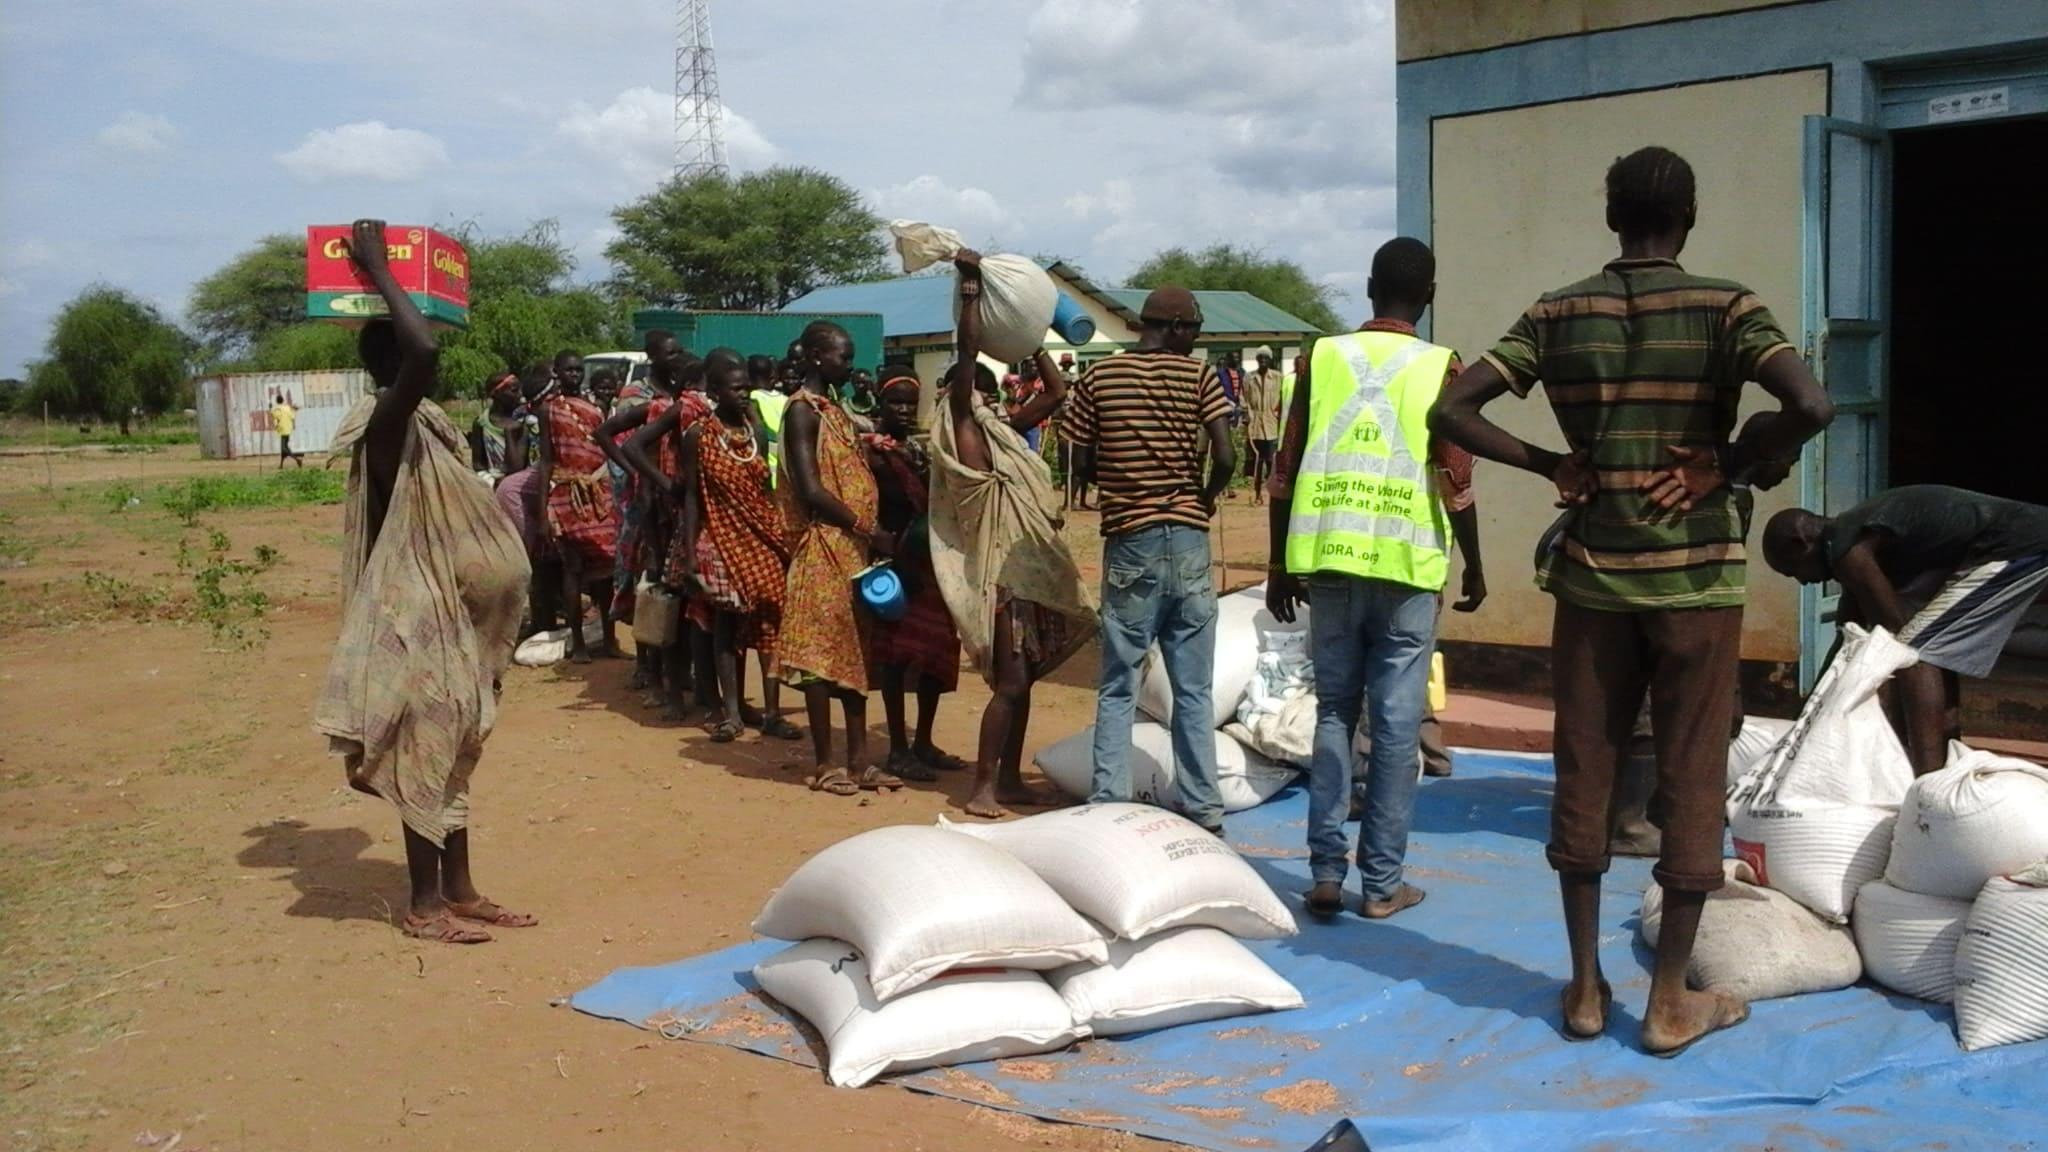 Poslabšanje humanitarnih razmer v Demokratični republiki Kongo